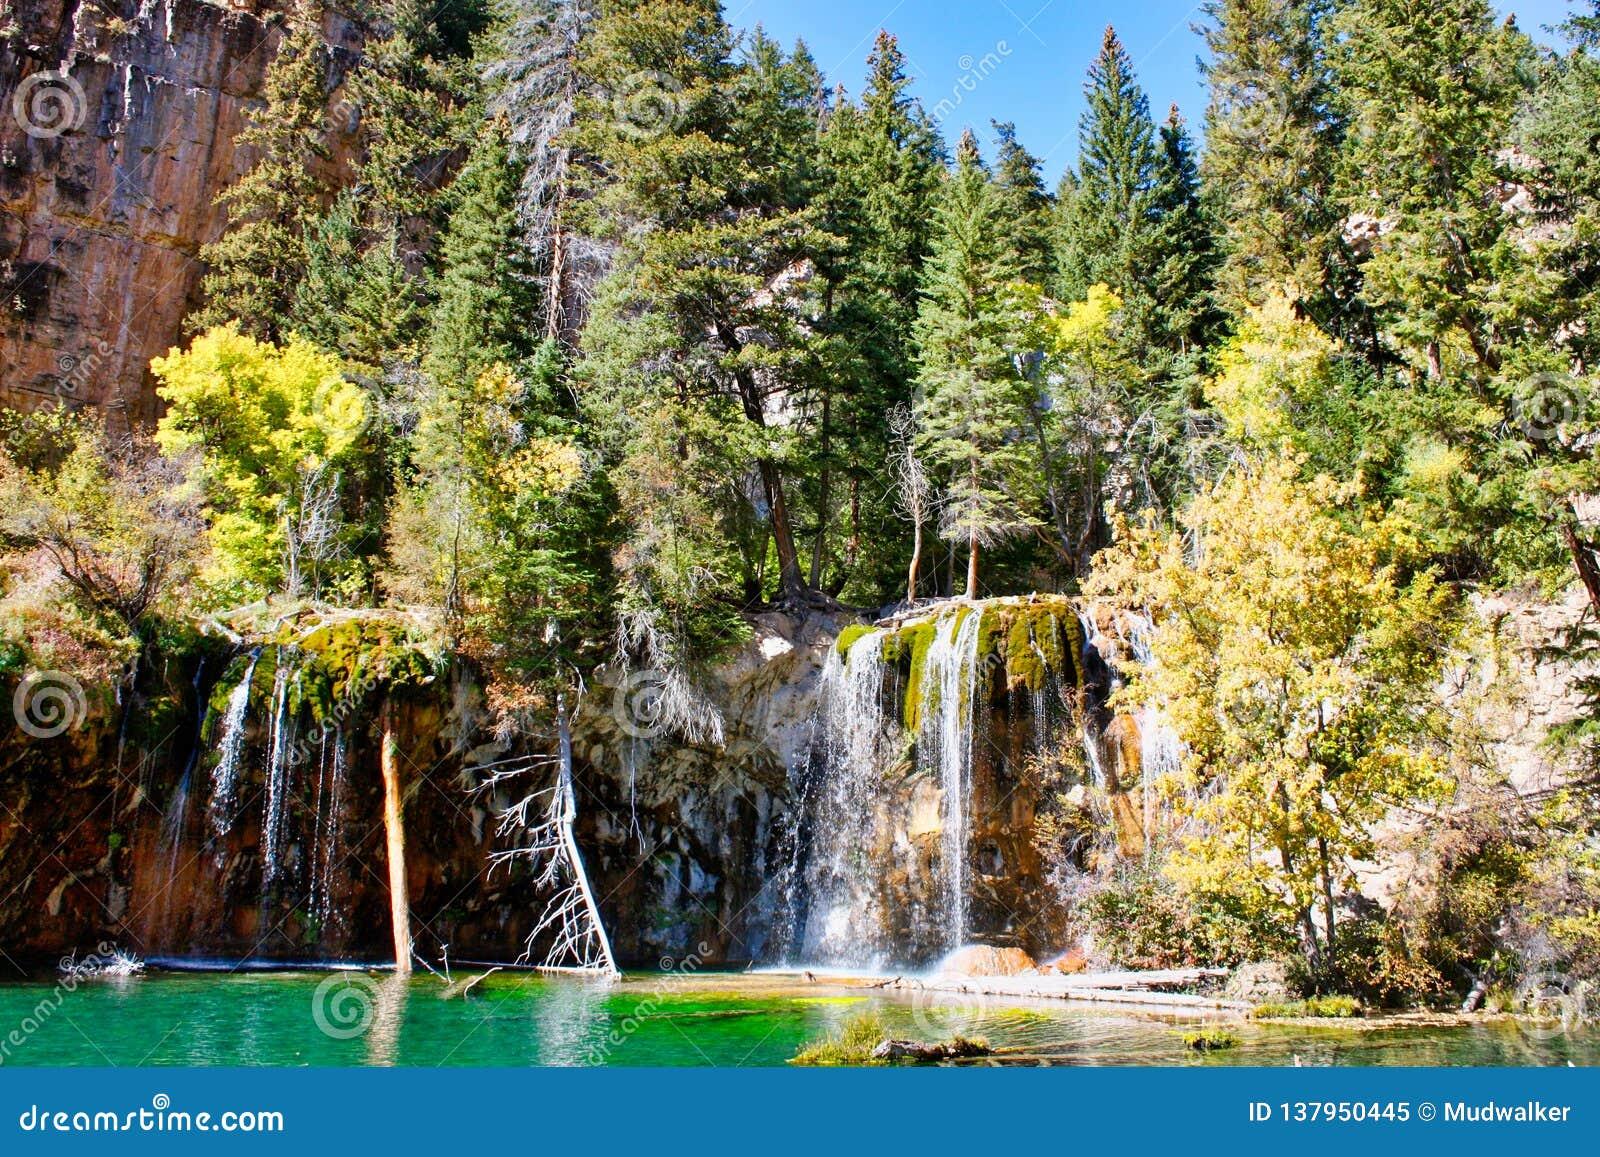 Hanging Lake Of Glenwood Canyon Stock Image Image Of Waterfalls